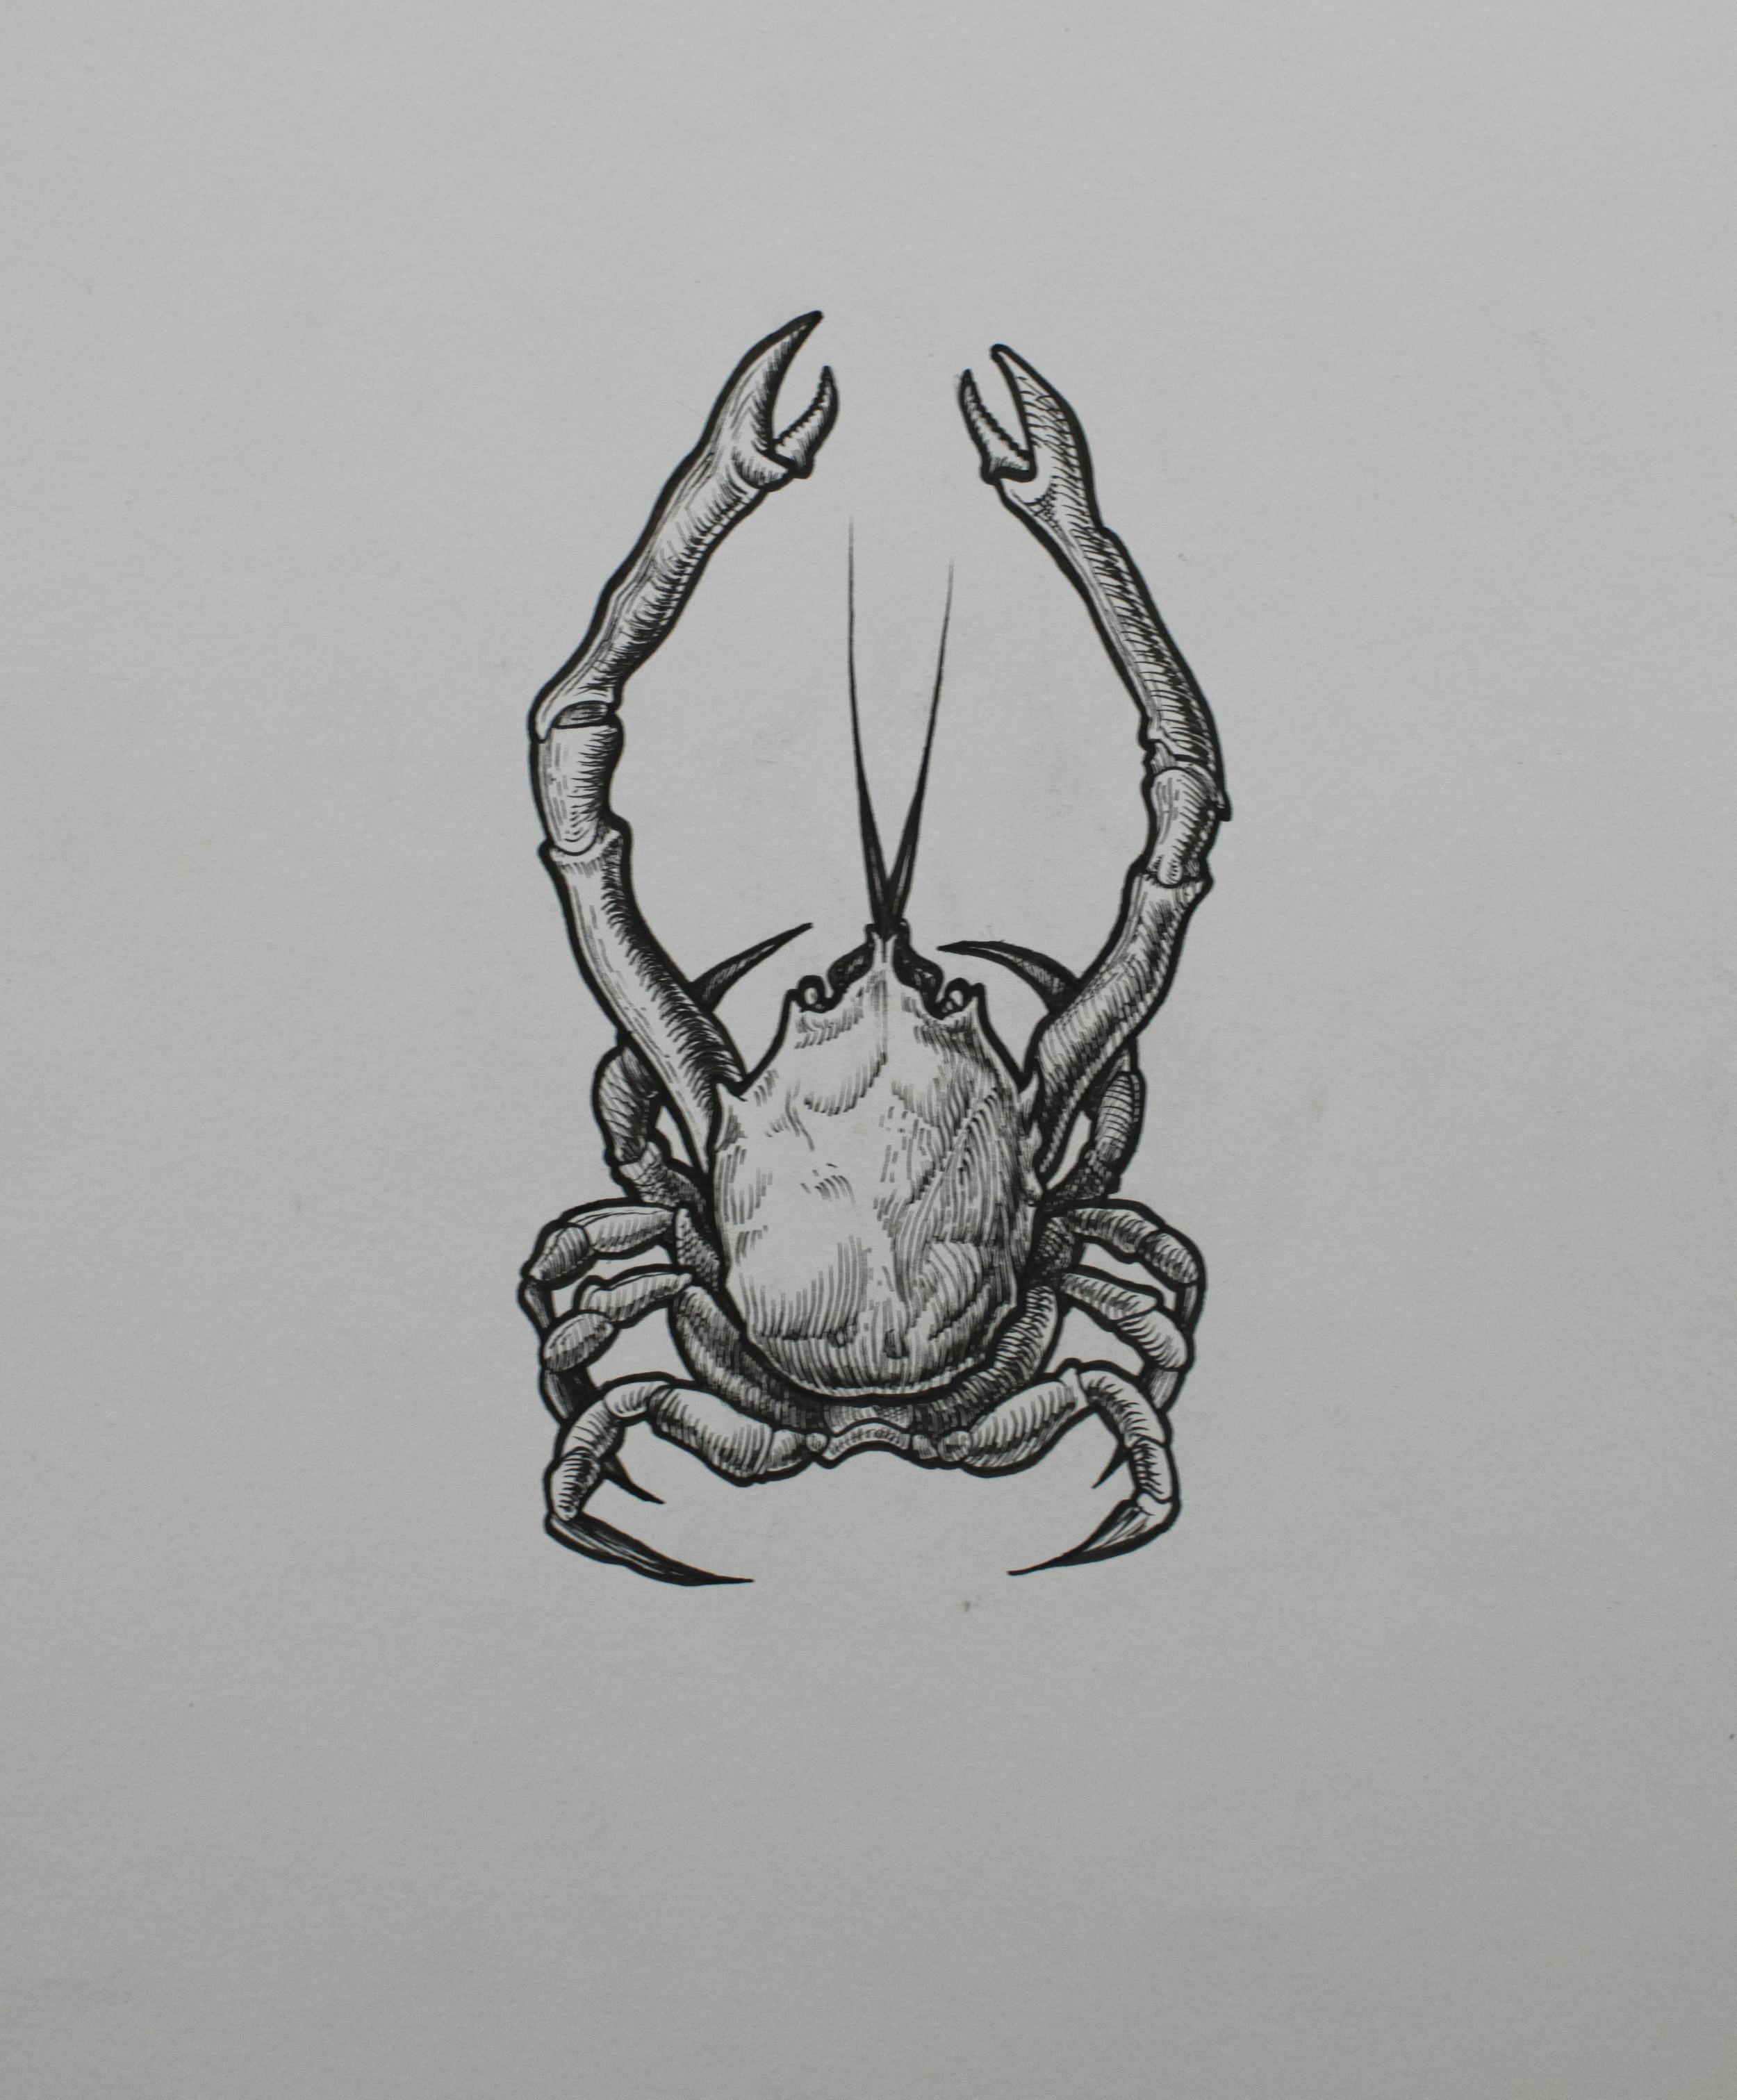 Desenho original assinado  Nanquim sobre papel Fabriano  Acid free  21 x 30 cm